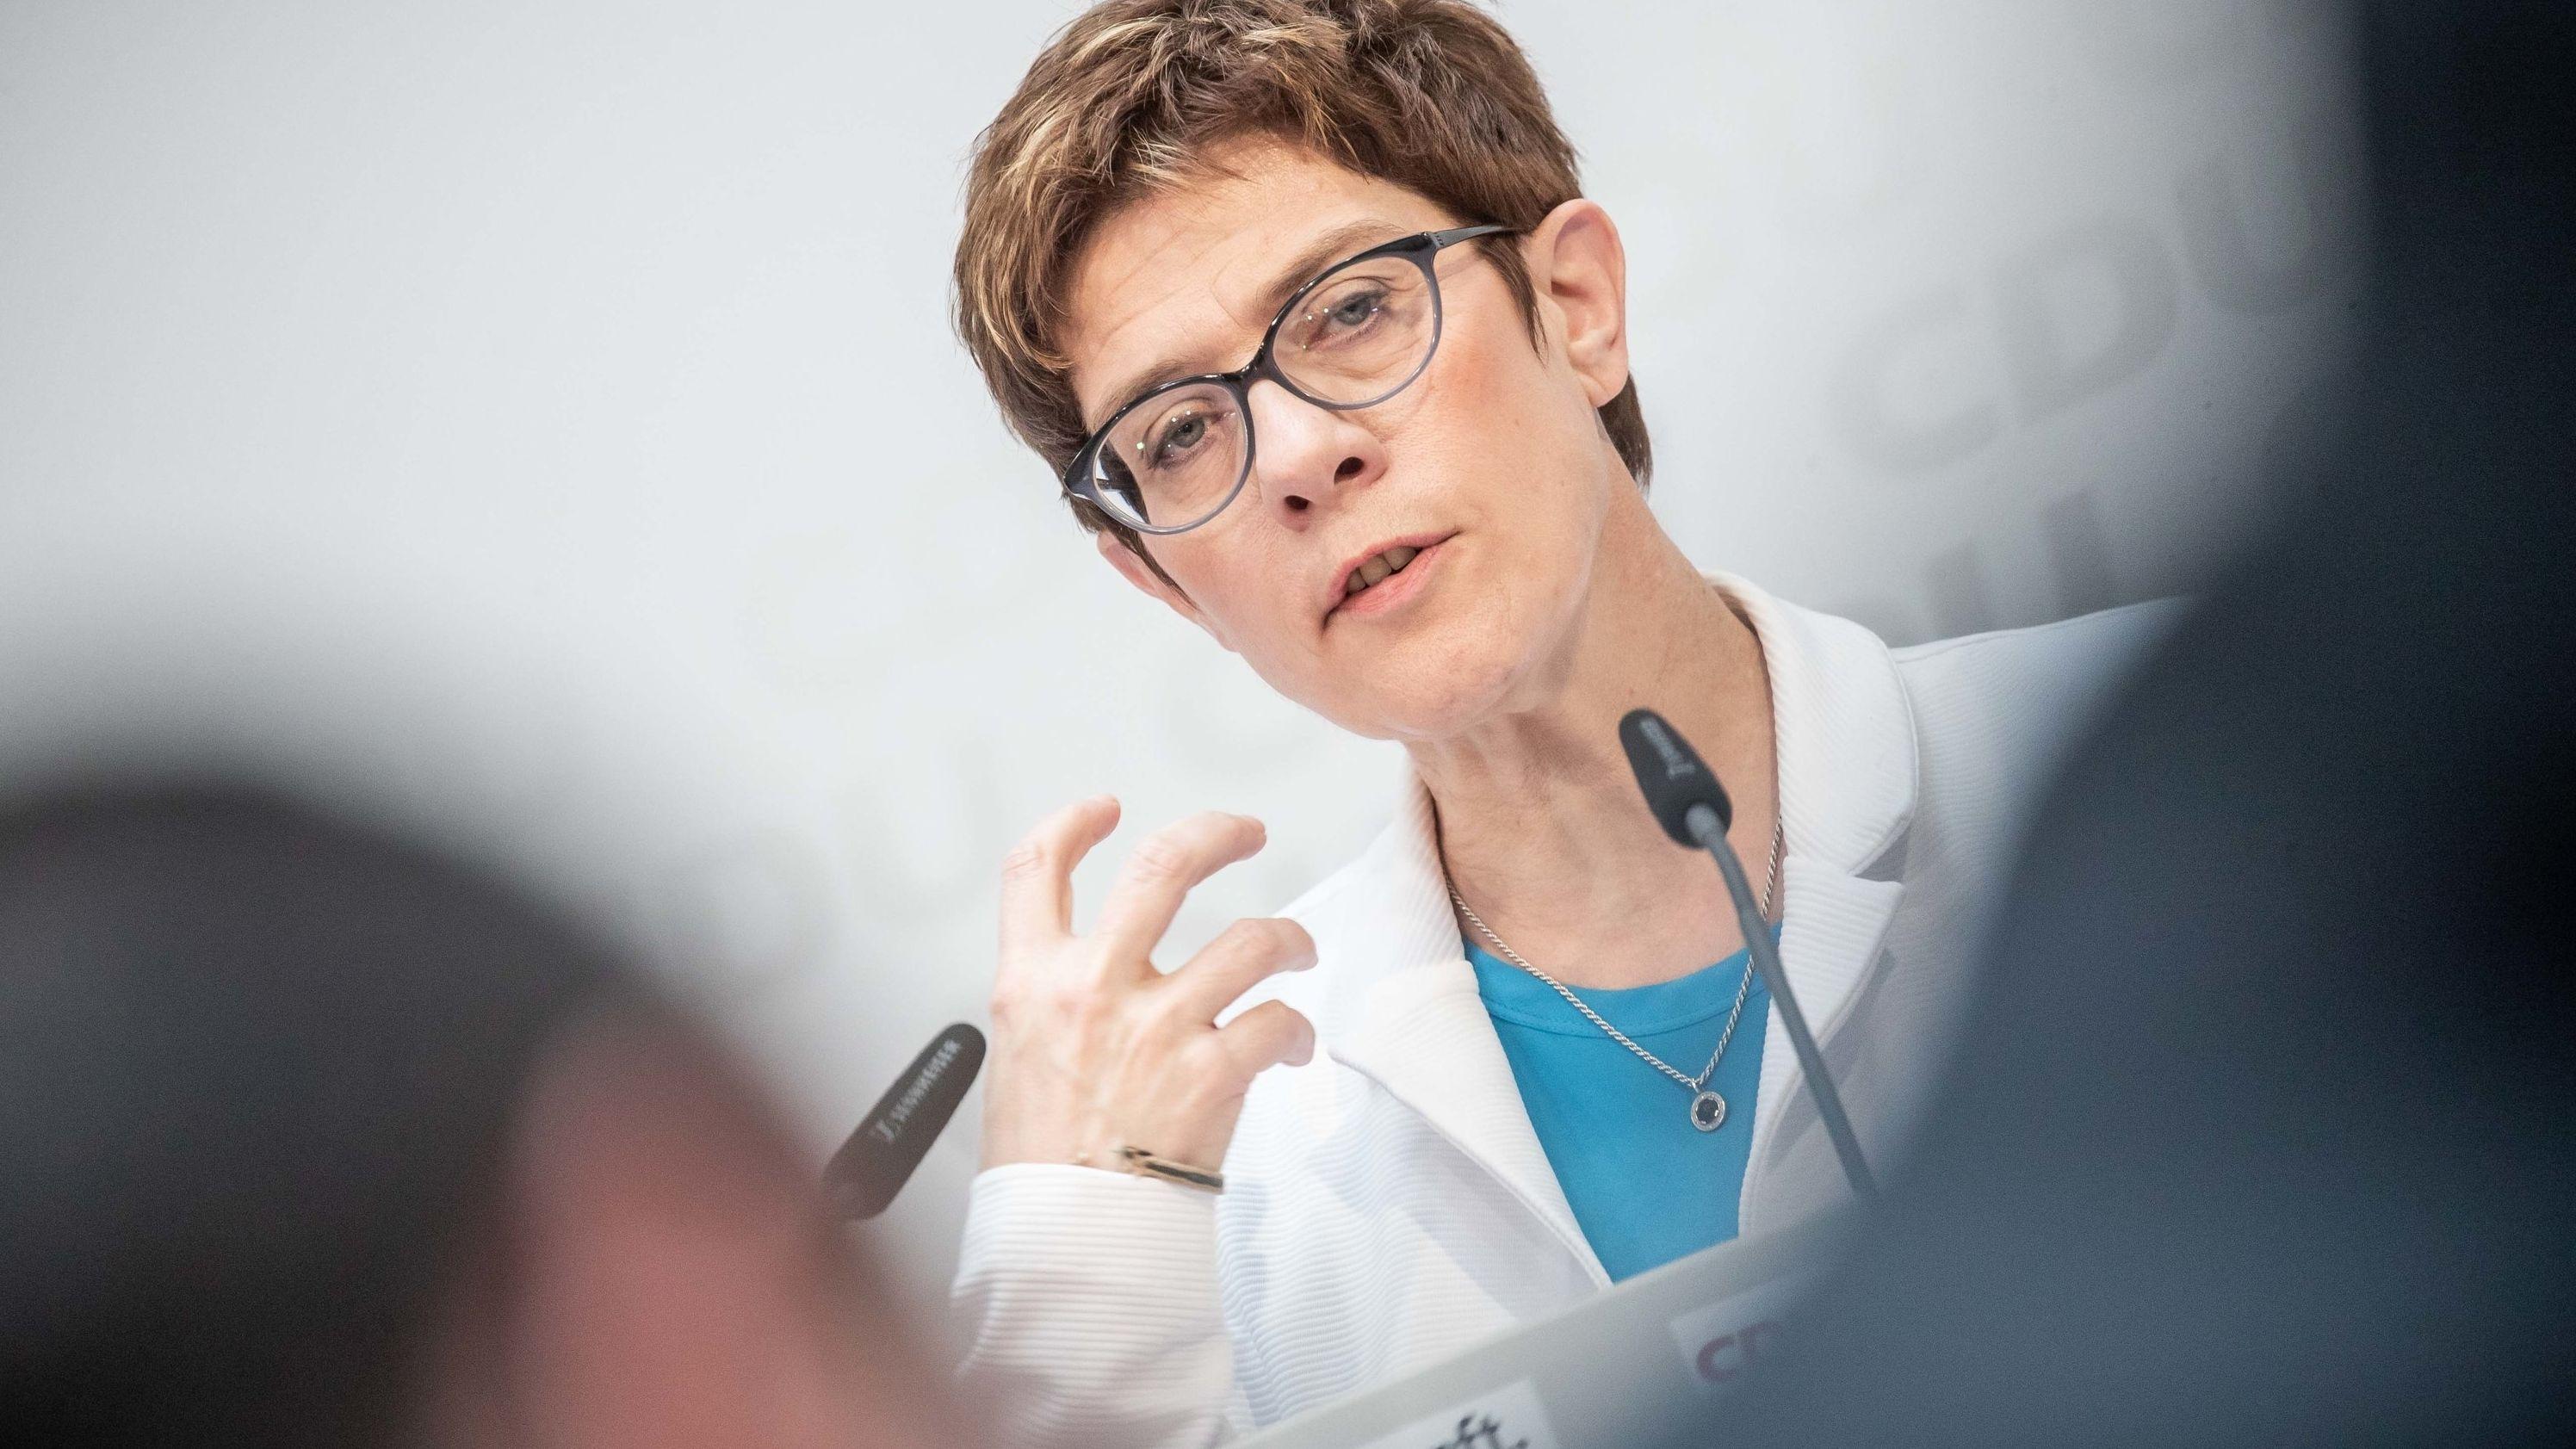 Annegret Kramp-Karrenbauer, Bundesvorsitzende der CDU spricht bei einer Pressekonferenz nach der Sitzung des CDU-Bundesvorstand.